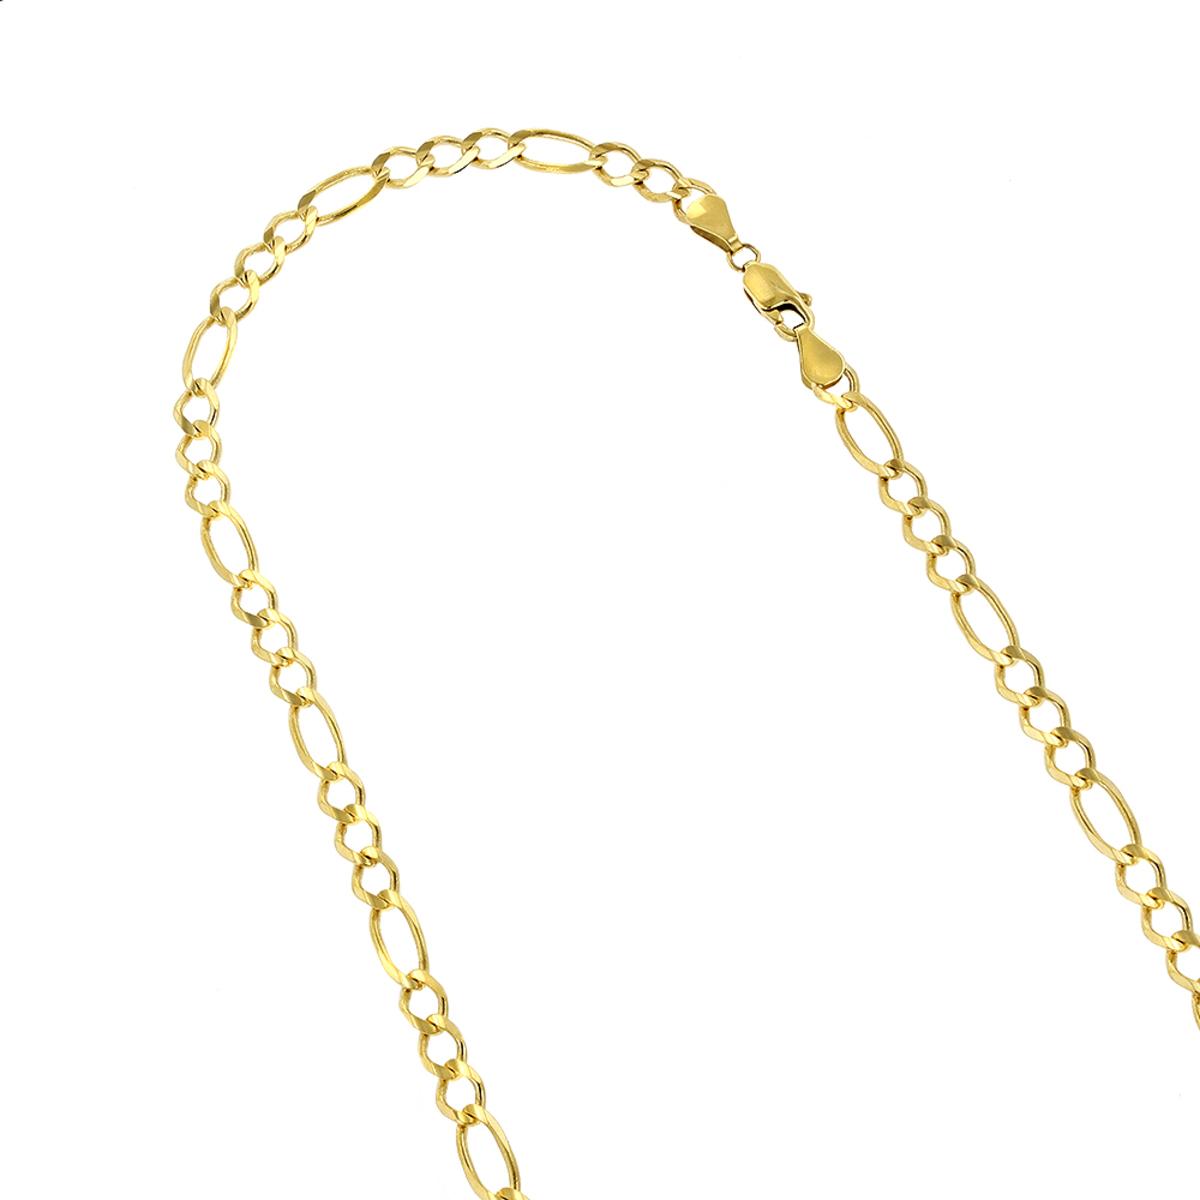 LUXURMAN Solid 14k Gold Figaro Chain For Men & Women 7mm Wide